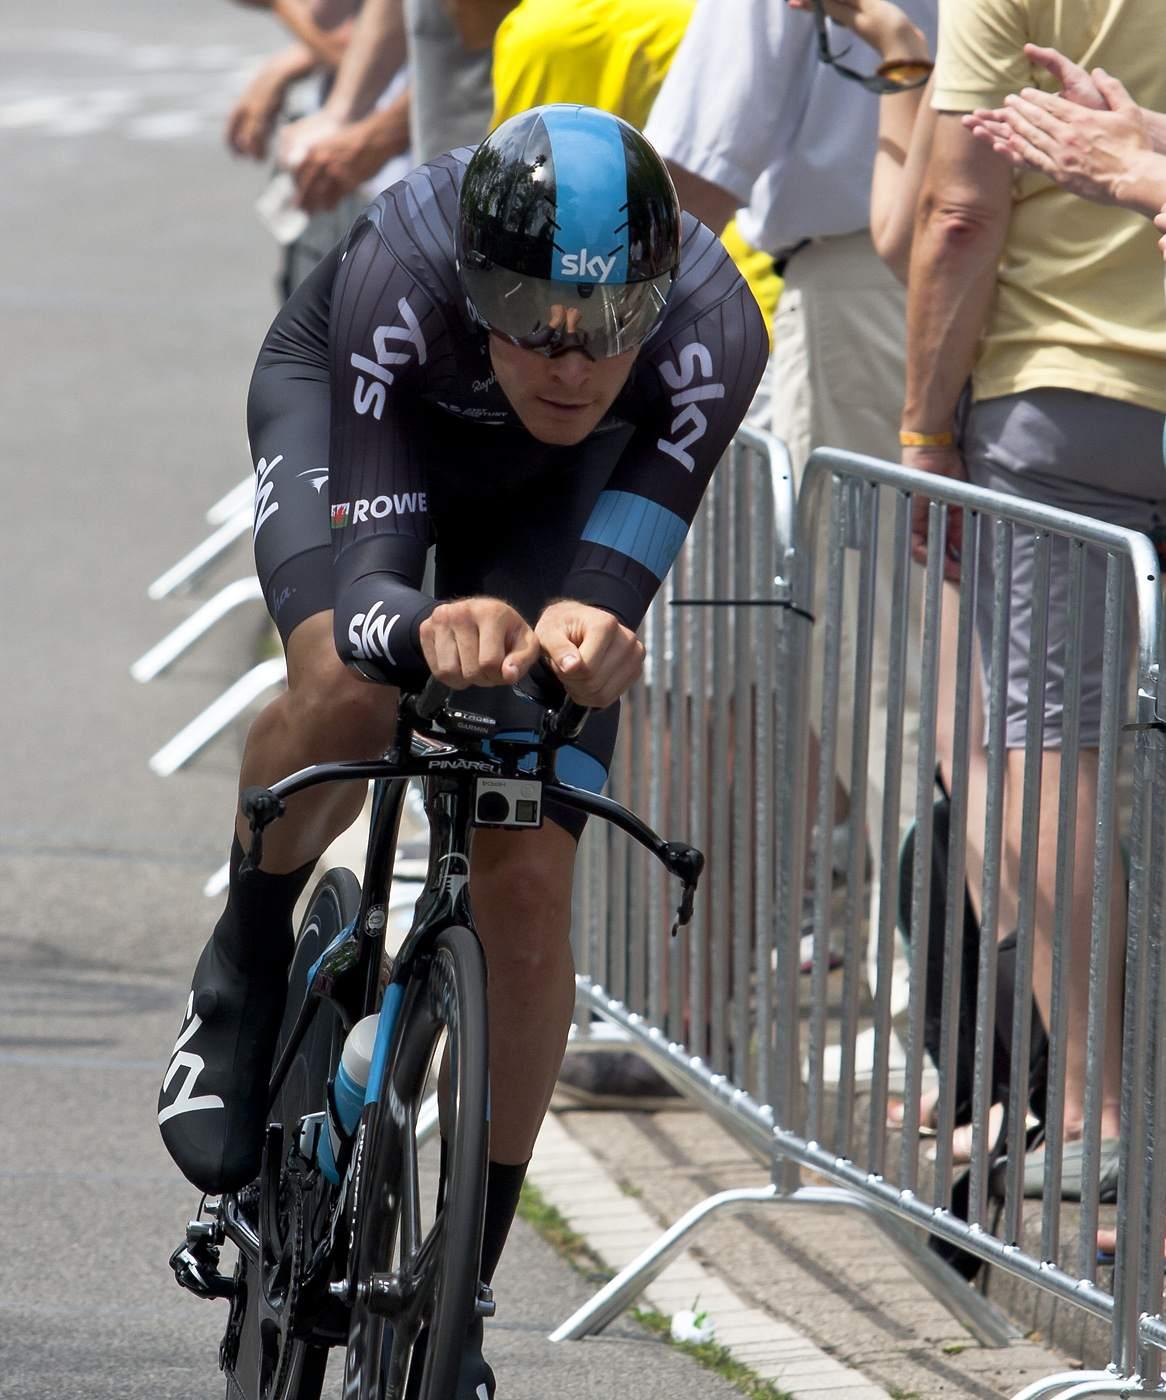 tour france 2015 pictures15 Tour de France 2015 in Pictures